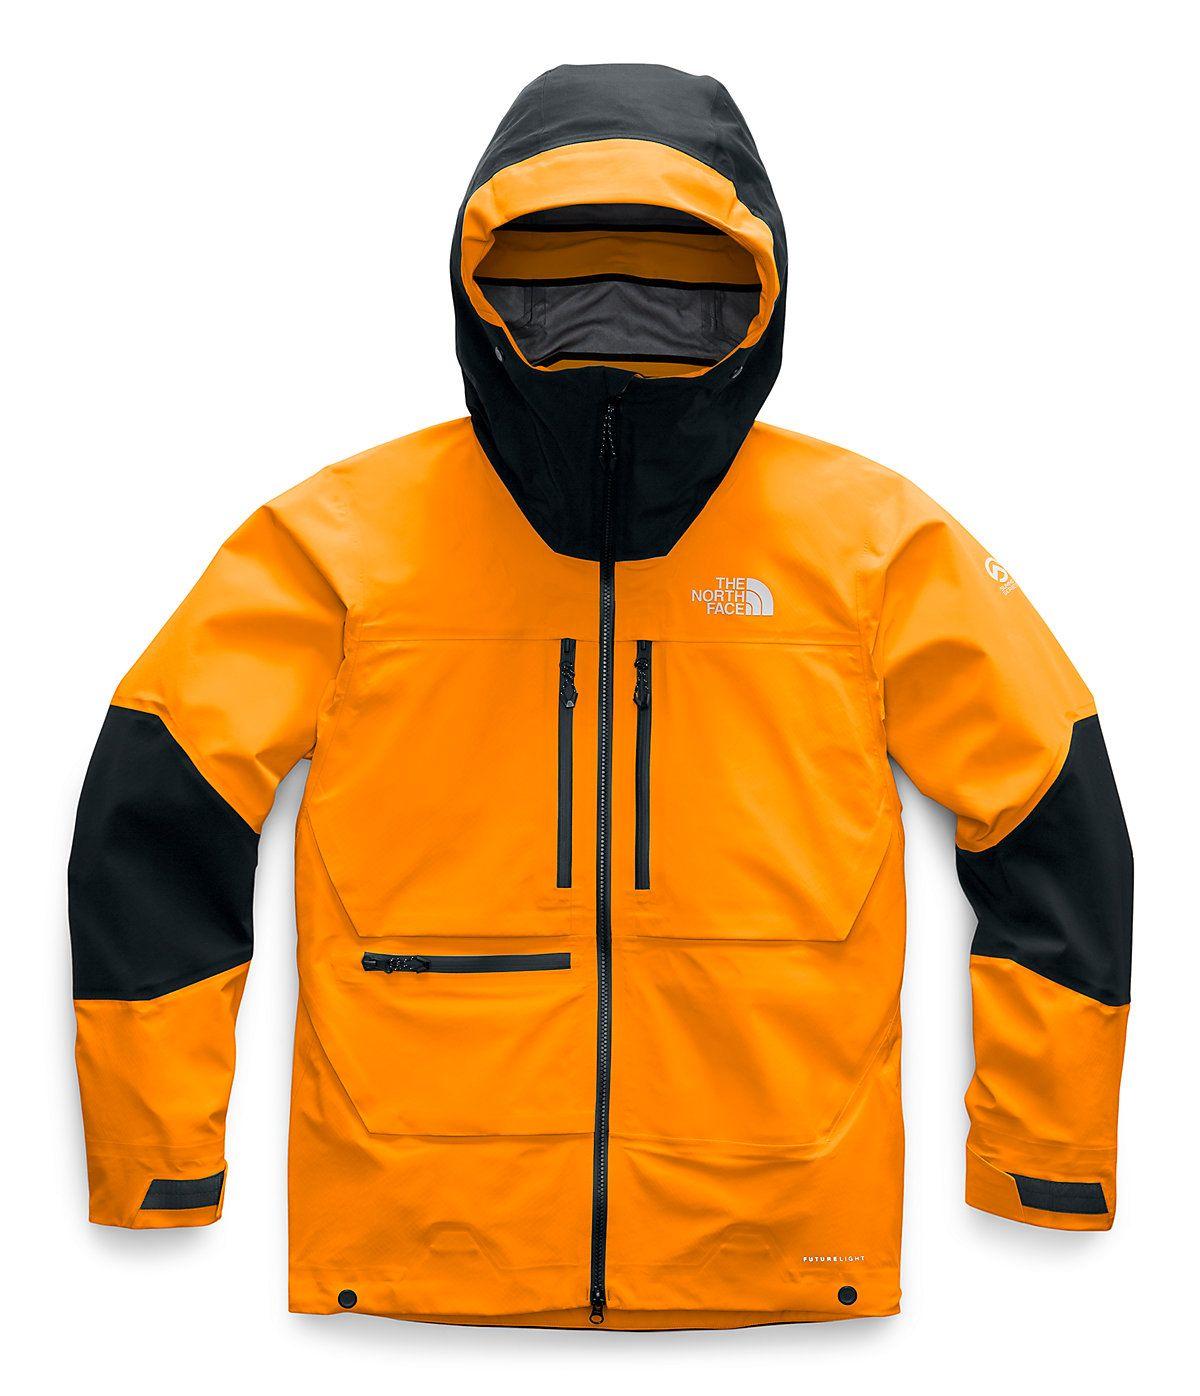 Men S Summit L5 Futurelight Jacket The North Face North Face Mens The North Face Jackets [ 1396 x 1200 Pixel ]